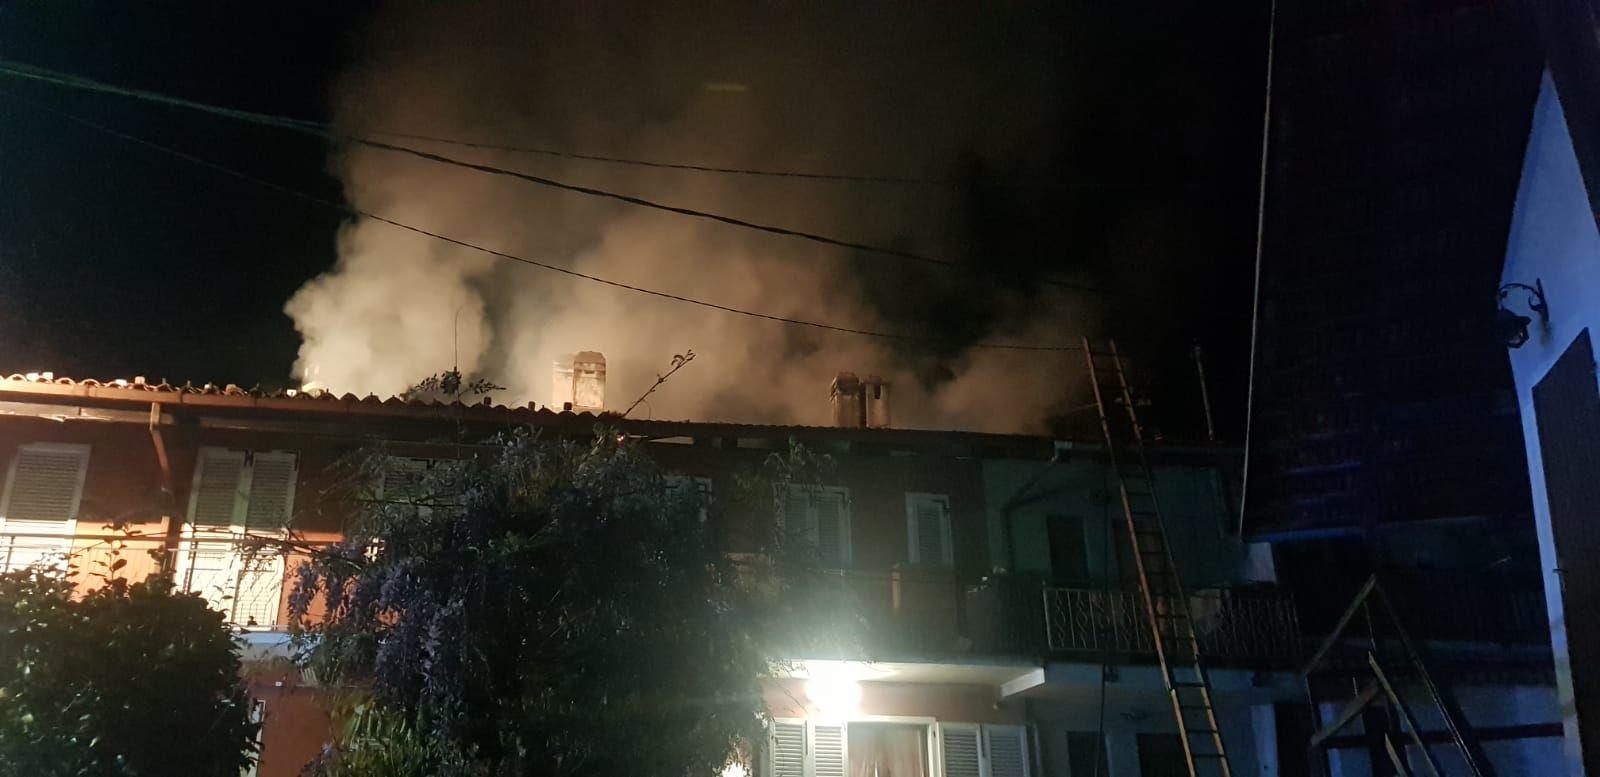 VALPERGA - Incendio nella notte devasta il tetto di un'abitazione